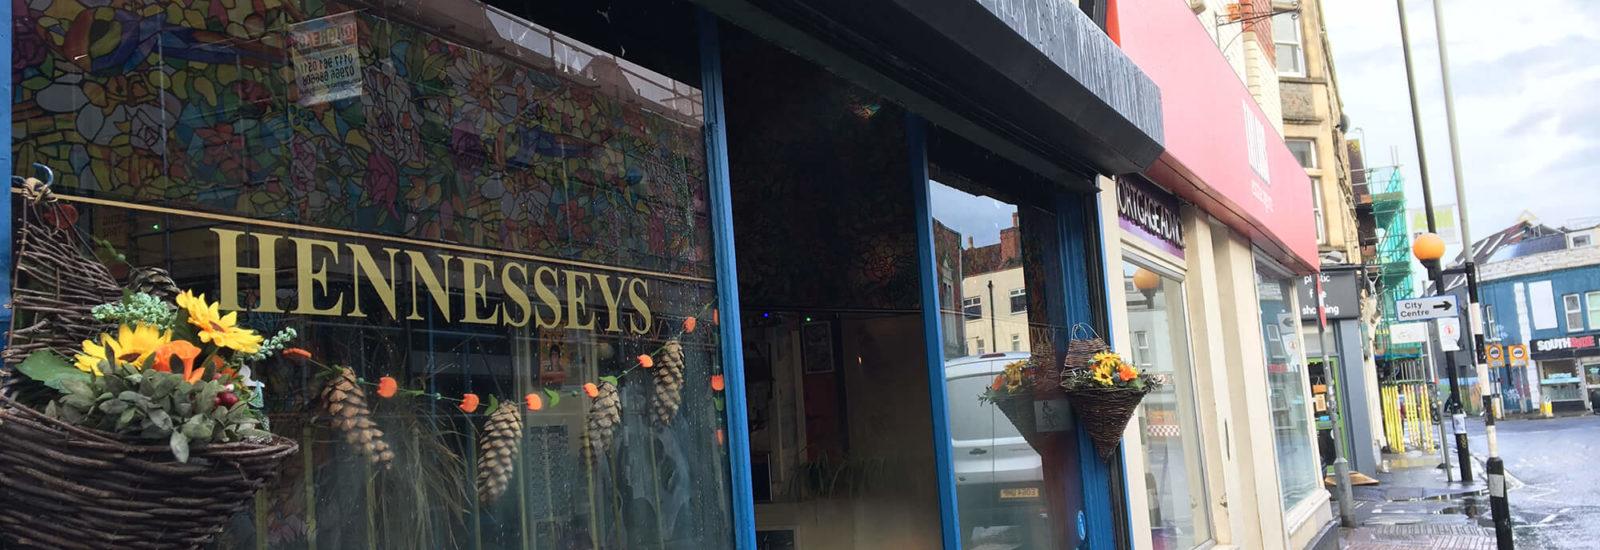 Image of Hennesseys